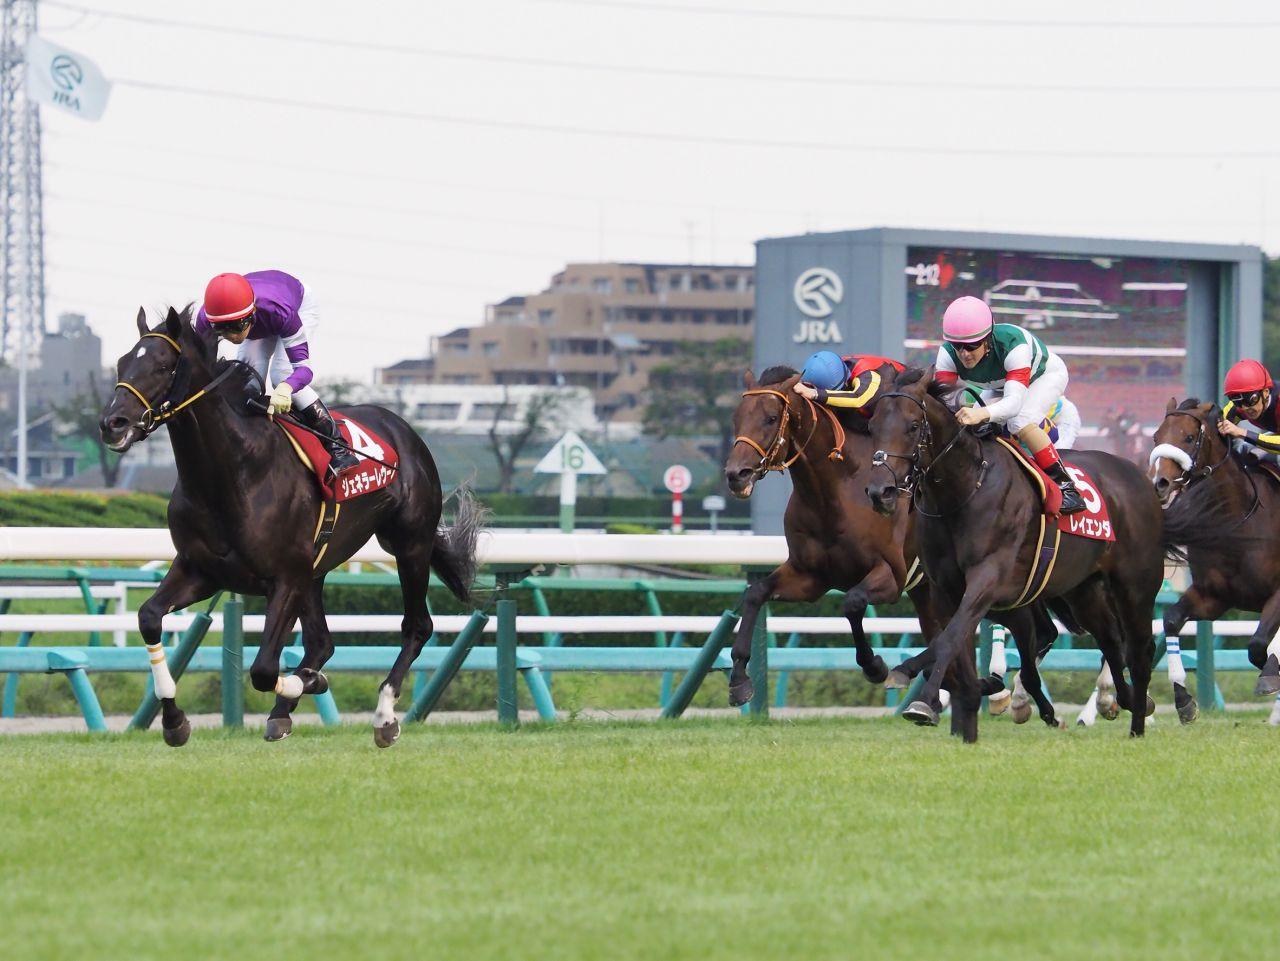 【セントライト記念】中山巧者ジェネラーレウーノが重賞2勝目